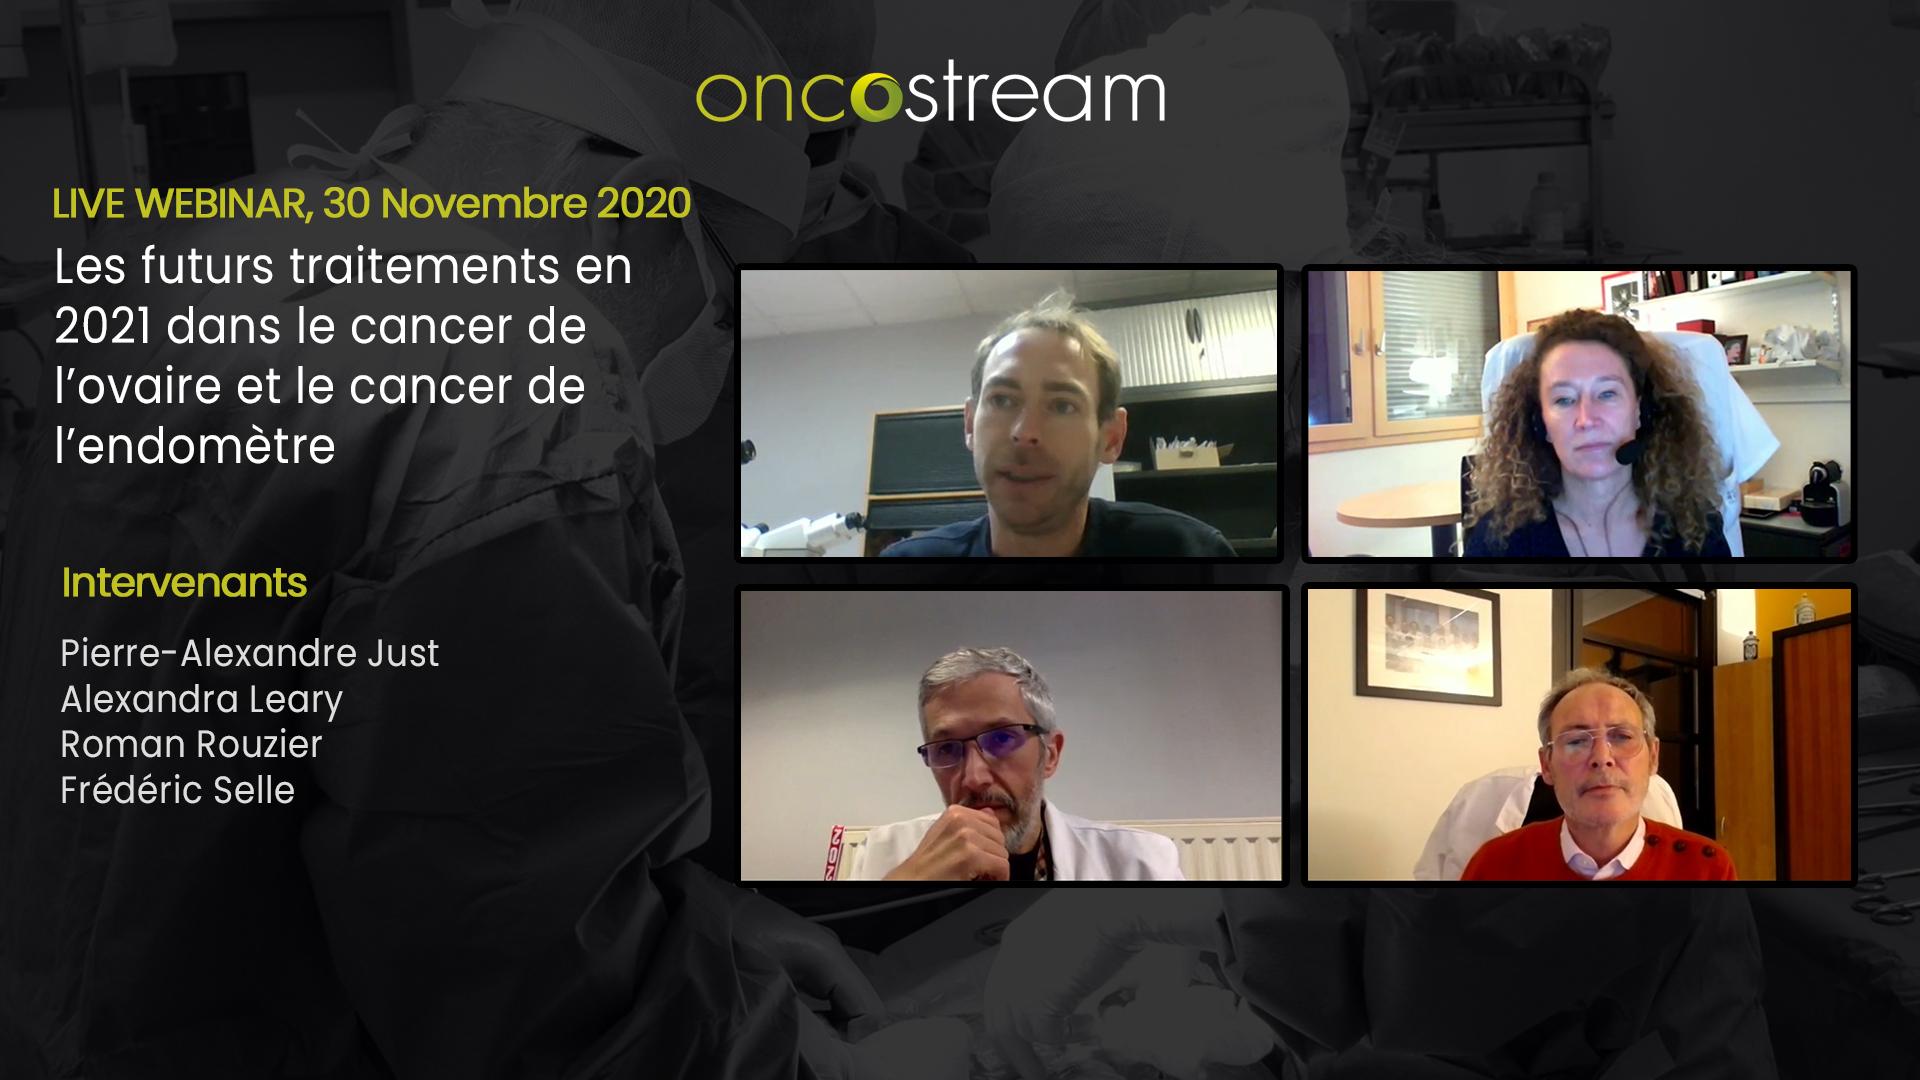 Les futurs traitements en 2021 dans le cancer de l'ovaire et le cancer de l'endomètre